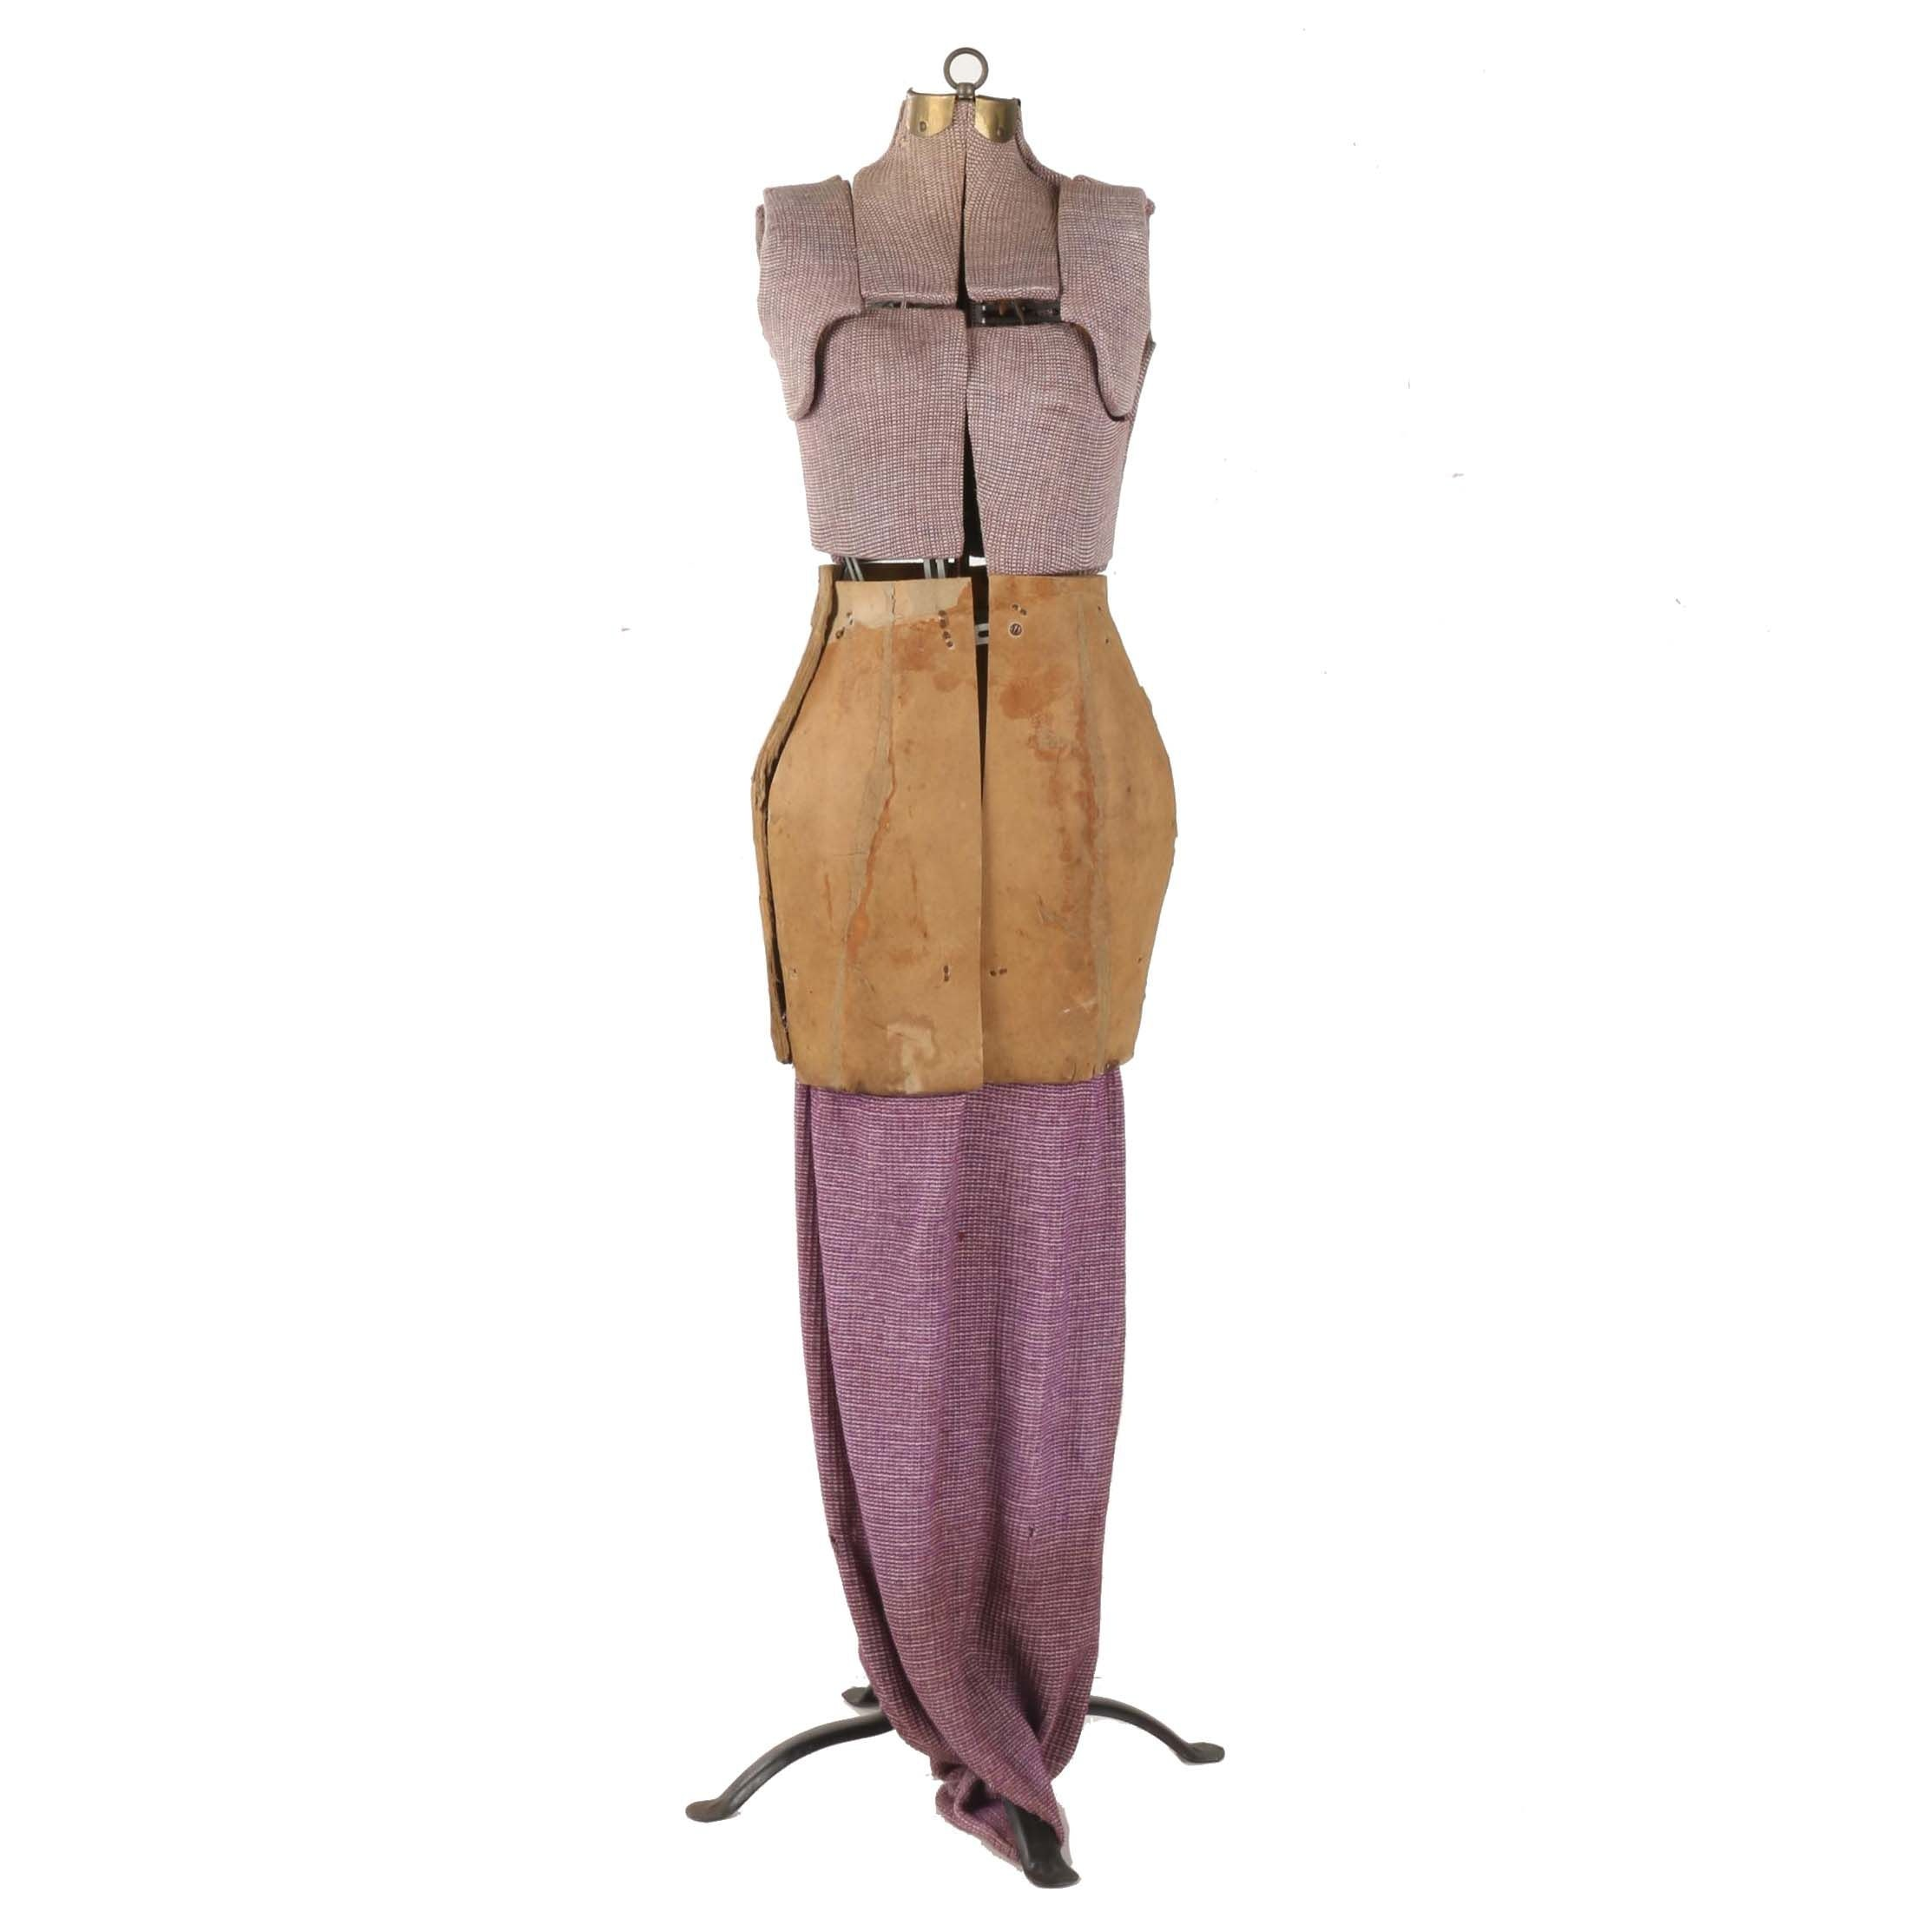 Freestanding Adjustable Dress Form